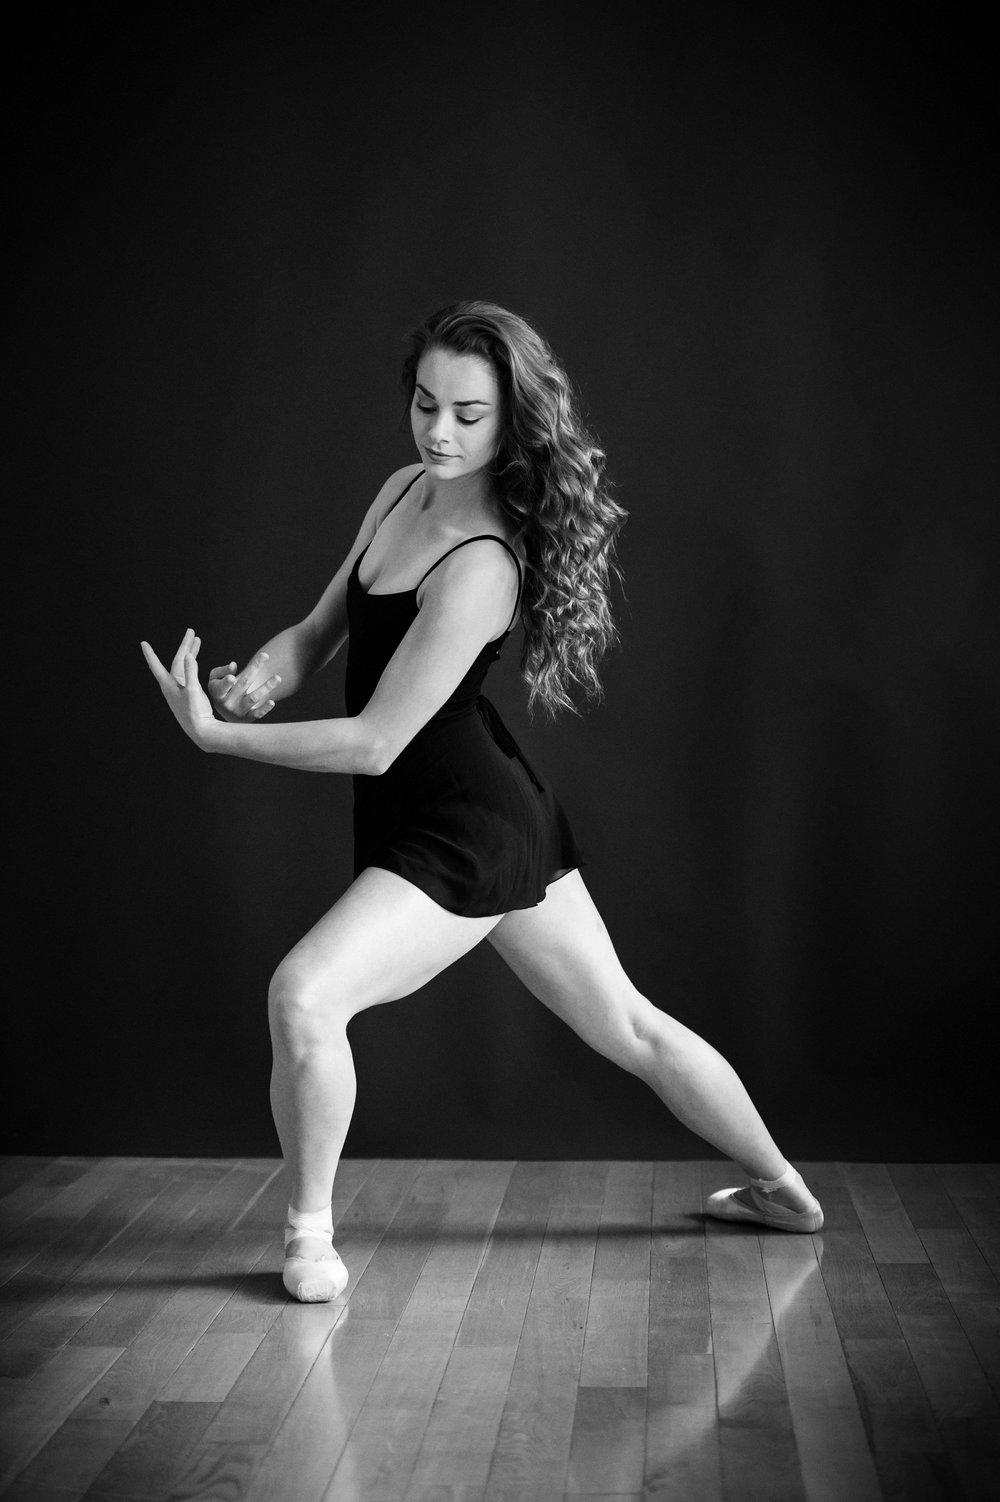 nEO_IMG_Marissa Dance-3-BW.jpg